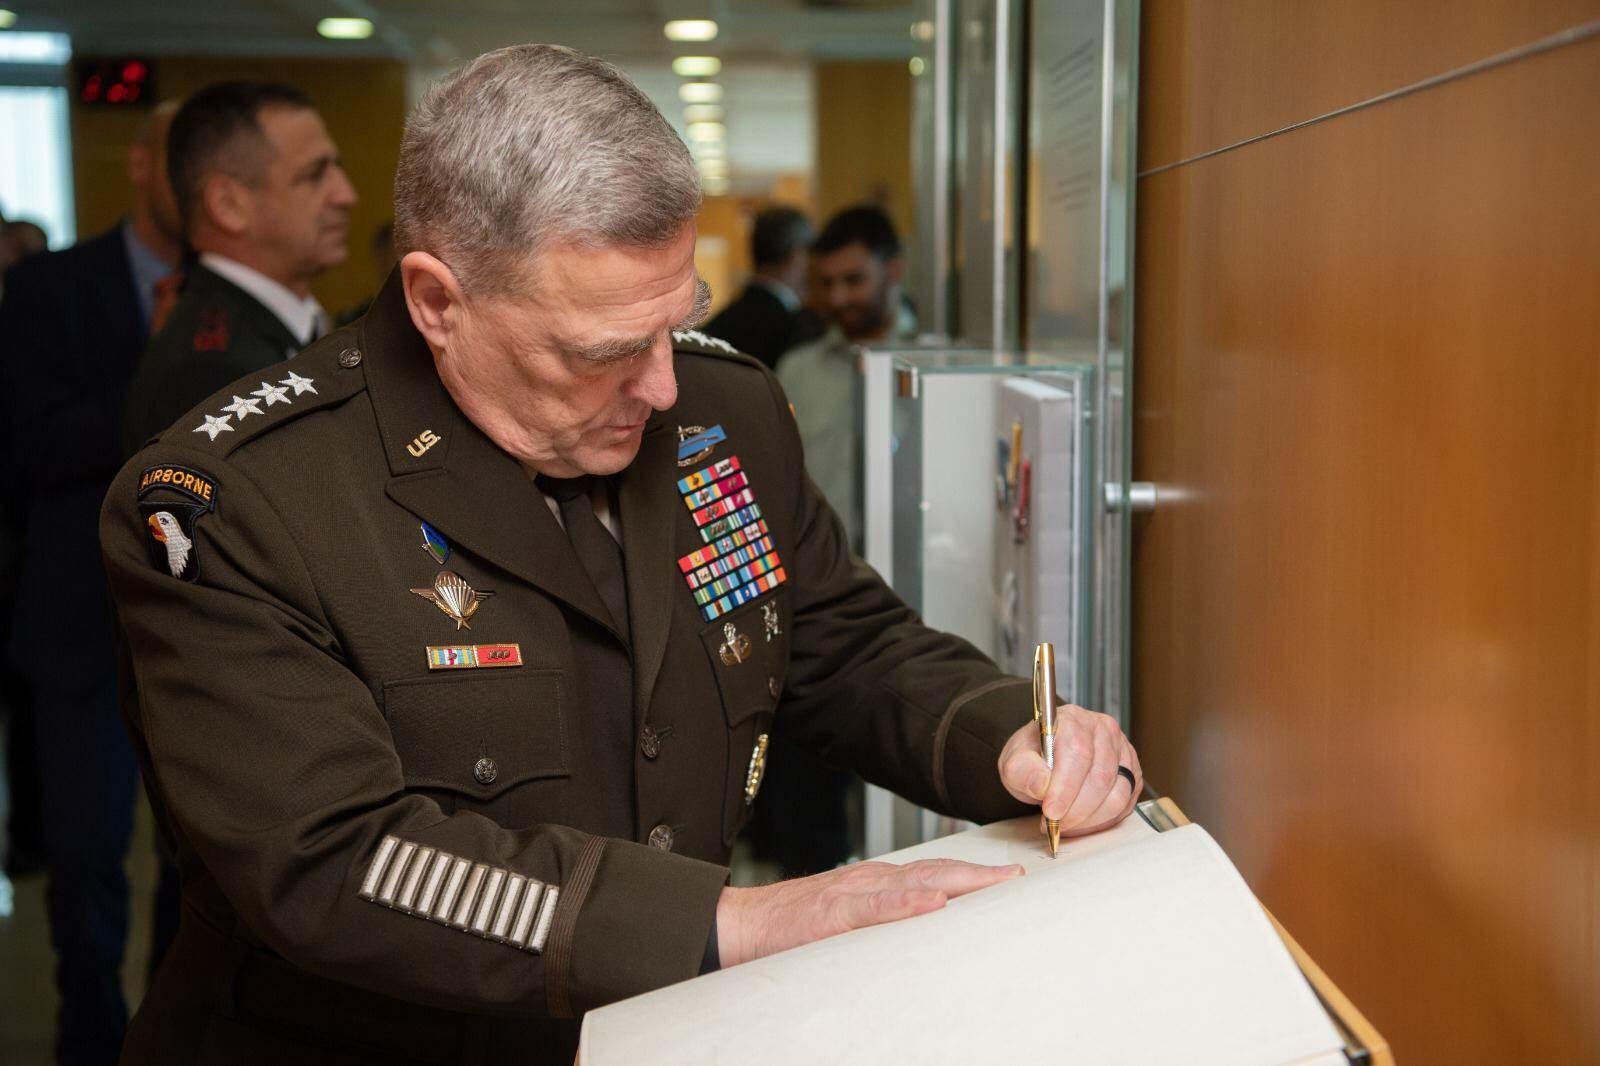 رئيس هيئة الأركان المشتركة الجنرال مارك ميلي